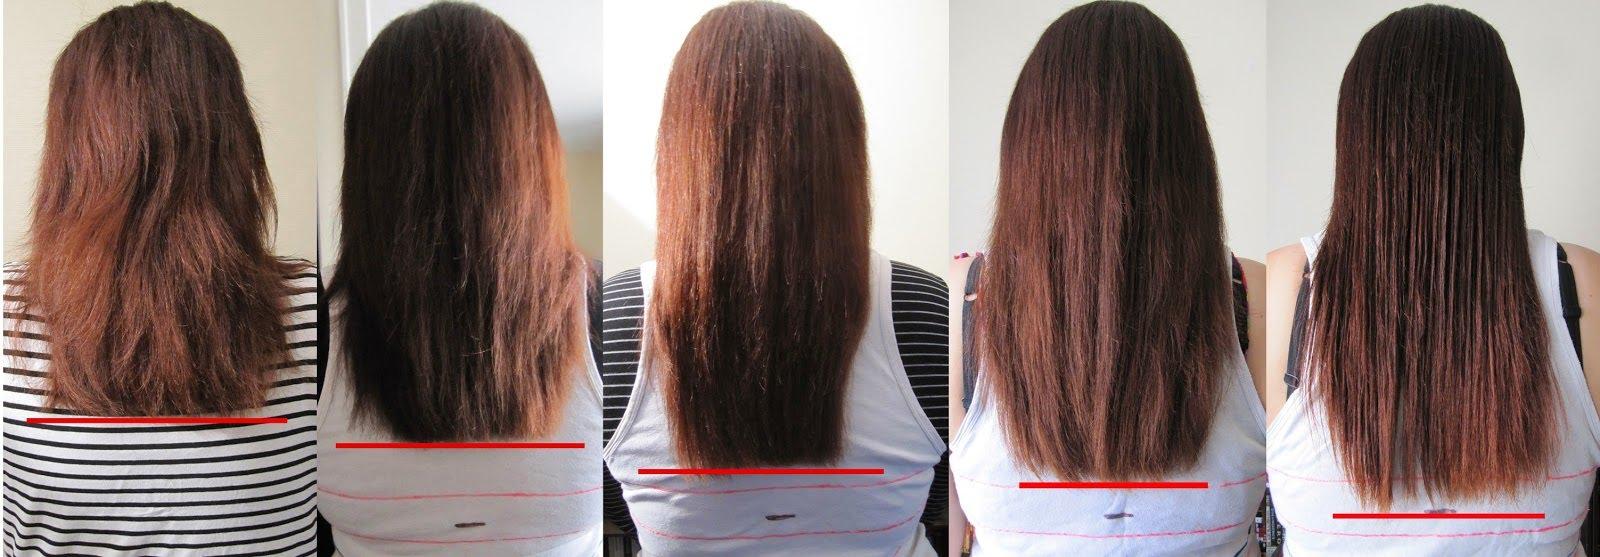 بالصور خلطة تطويل الشعر 15 سم maxresdefault 109